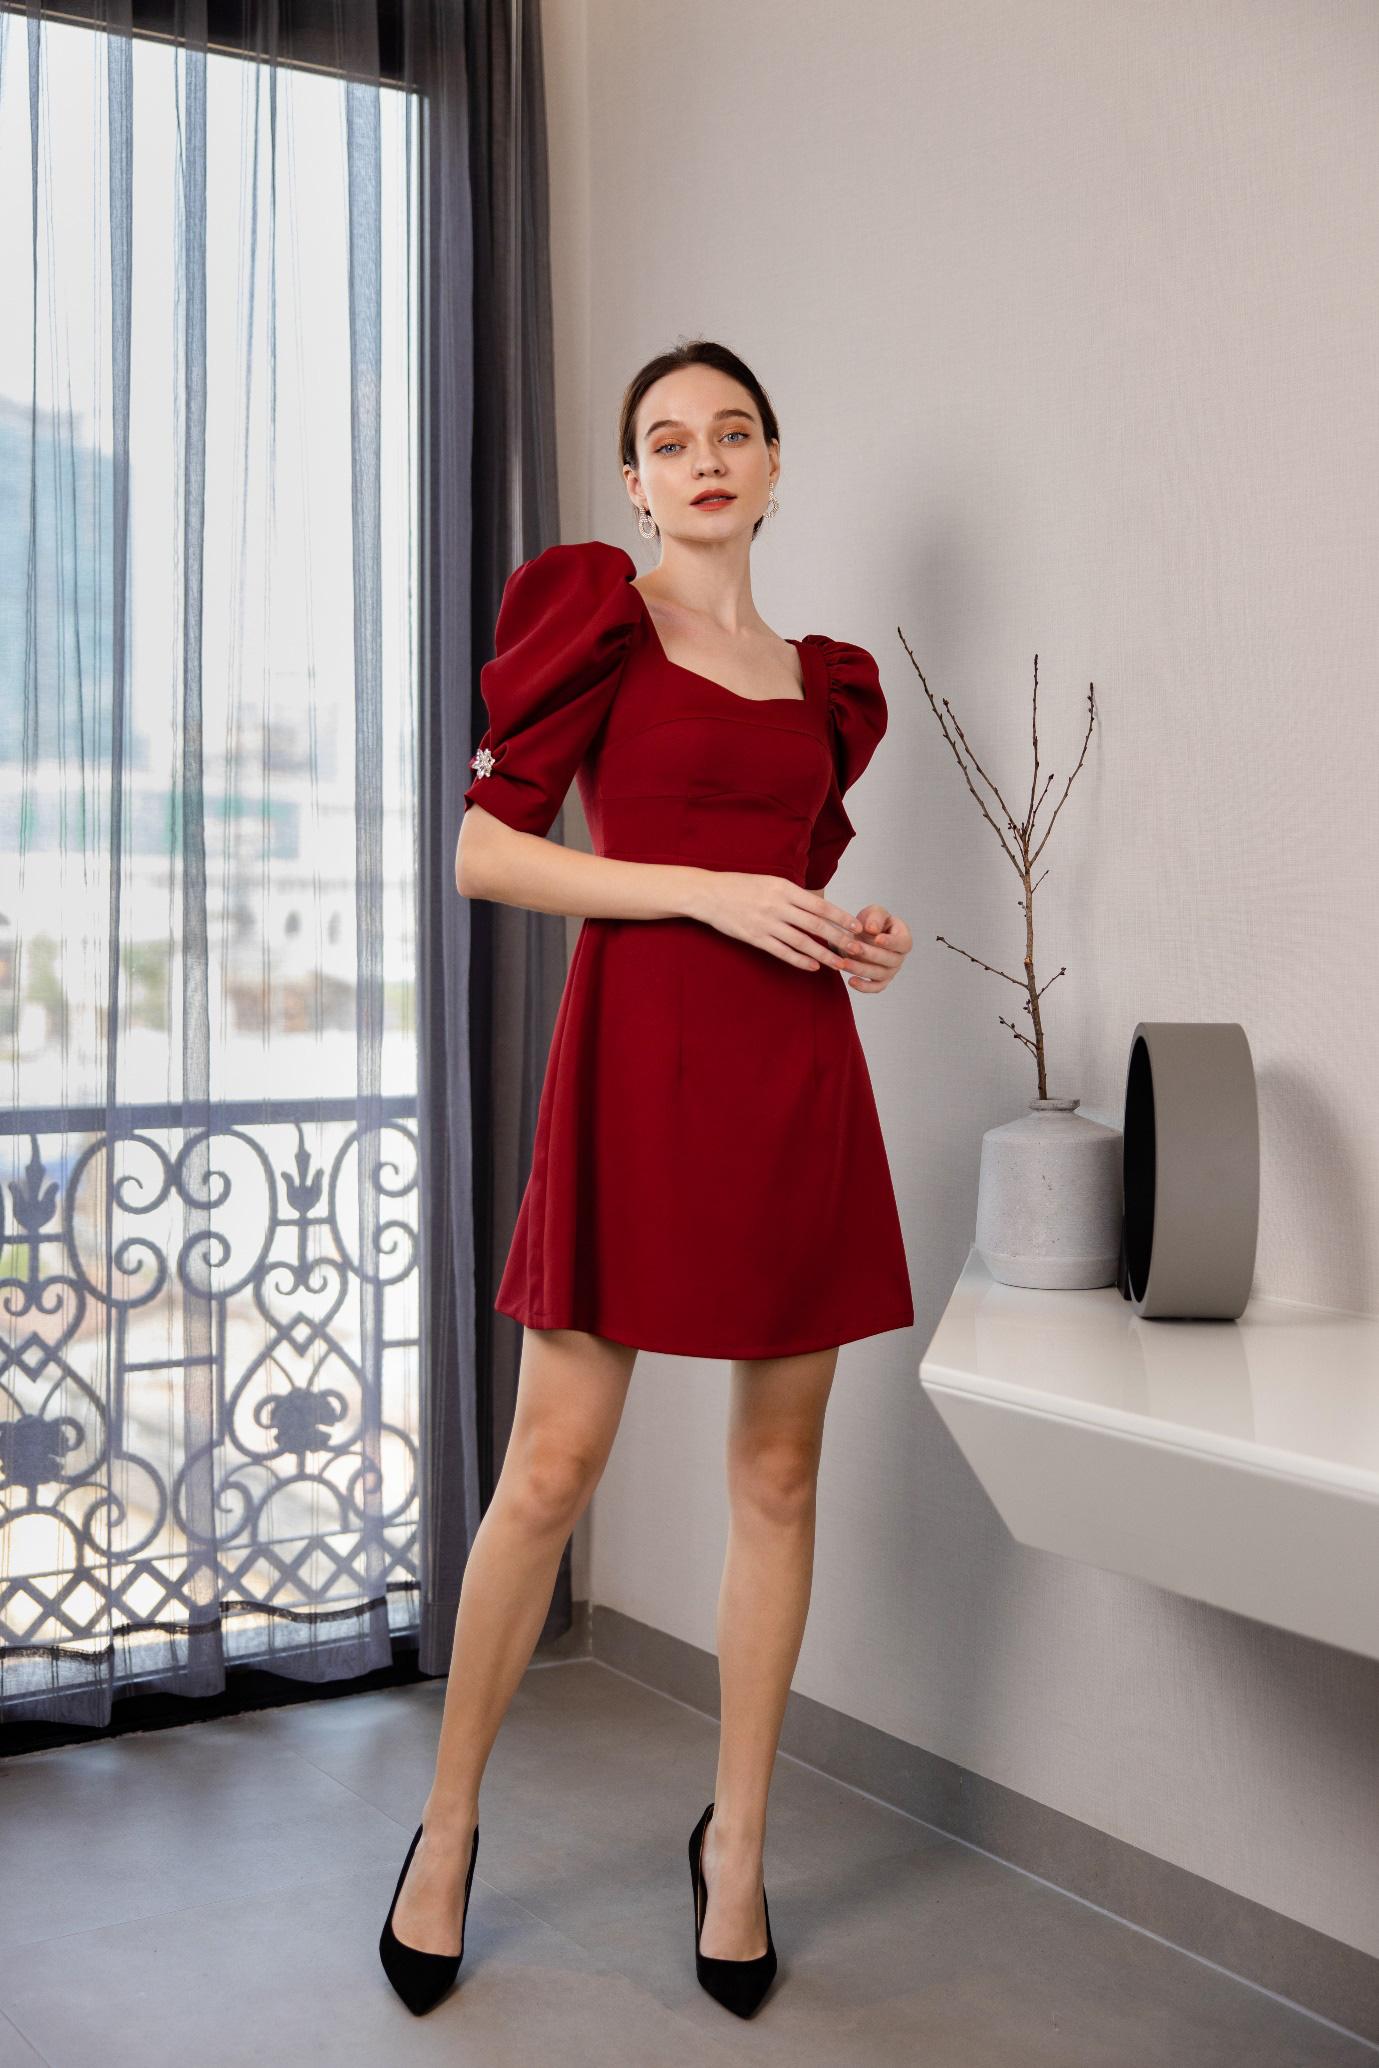 Gợi ý 8 mẫu váy đỏ đẹp cực phẩm, biến nàng trở thành tiêu điểm từ tiệc tất niên cho tới buổi du xuân đầu năm - Ảnh 4.